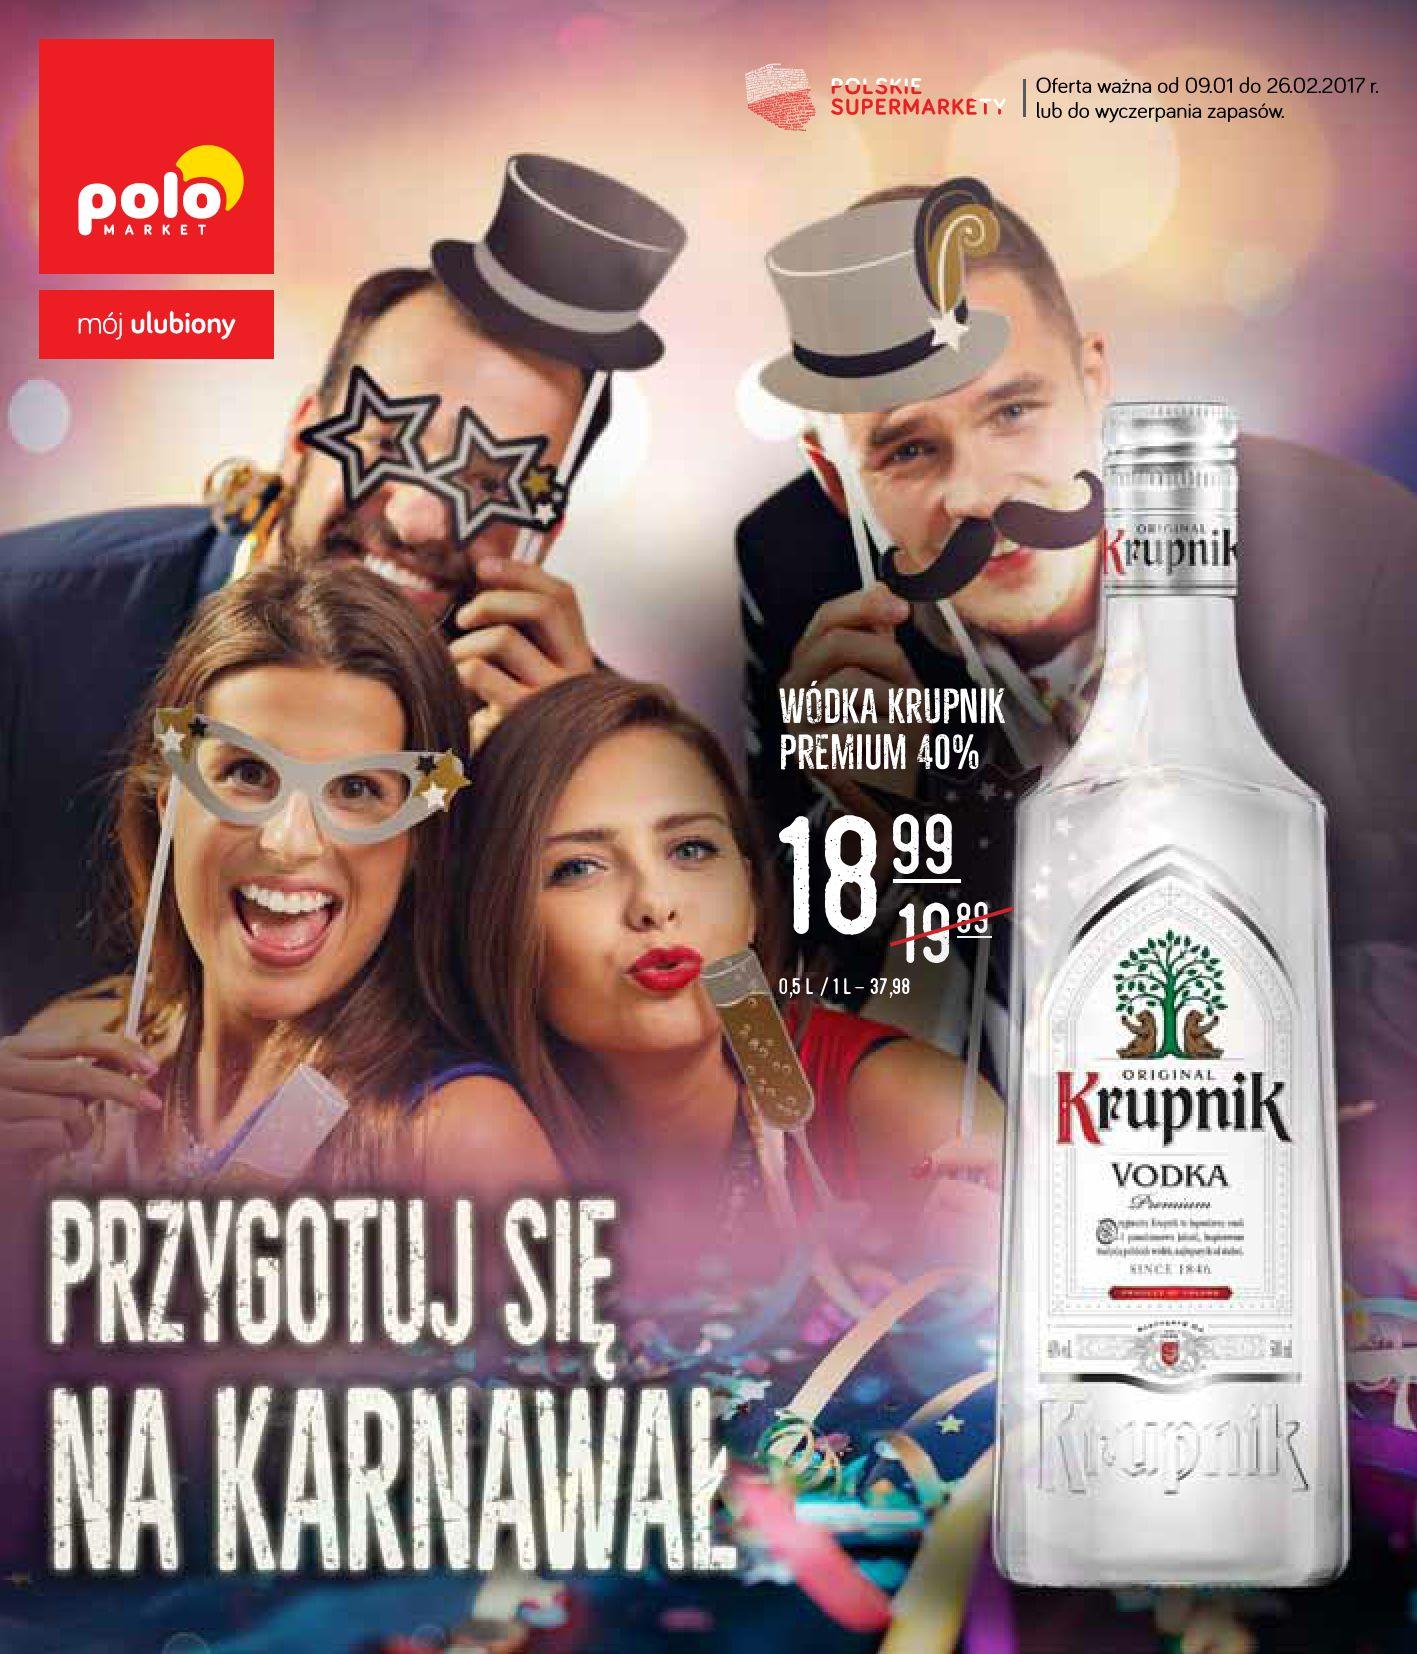 POLOmarket gazetka promocyjna od 2017-01-09, strona 1